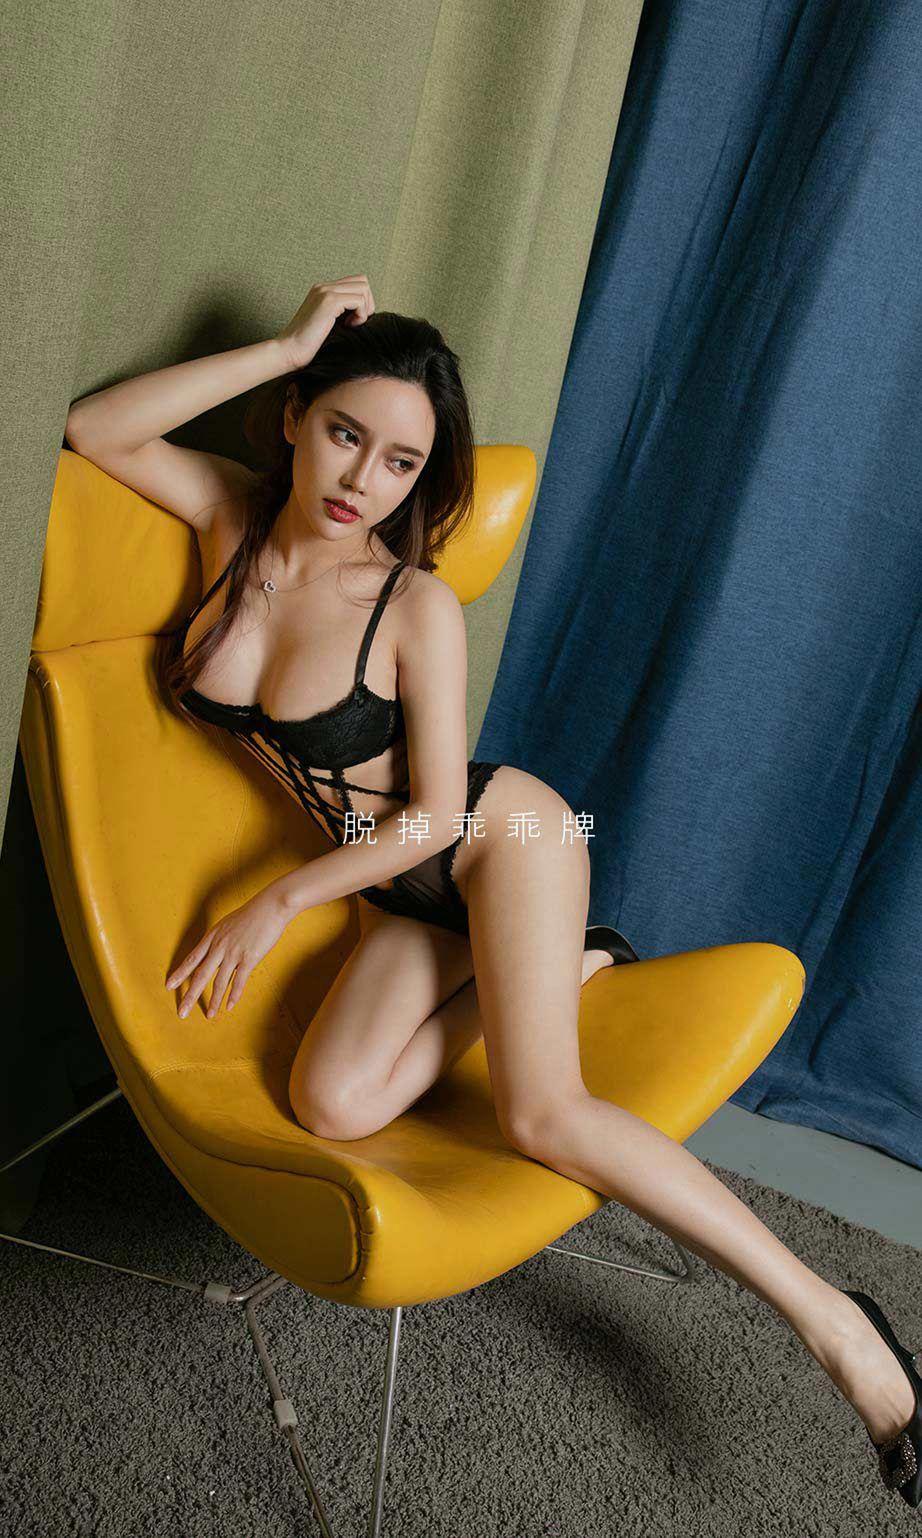 [XiuRen] Vol.1766 Hot and dry Bobbi 21P, Ai Xiao Qing, Sexy, Underwear, Xiuren